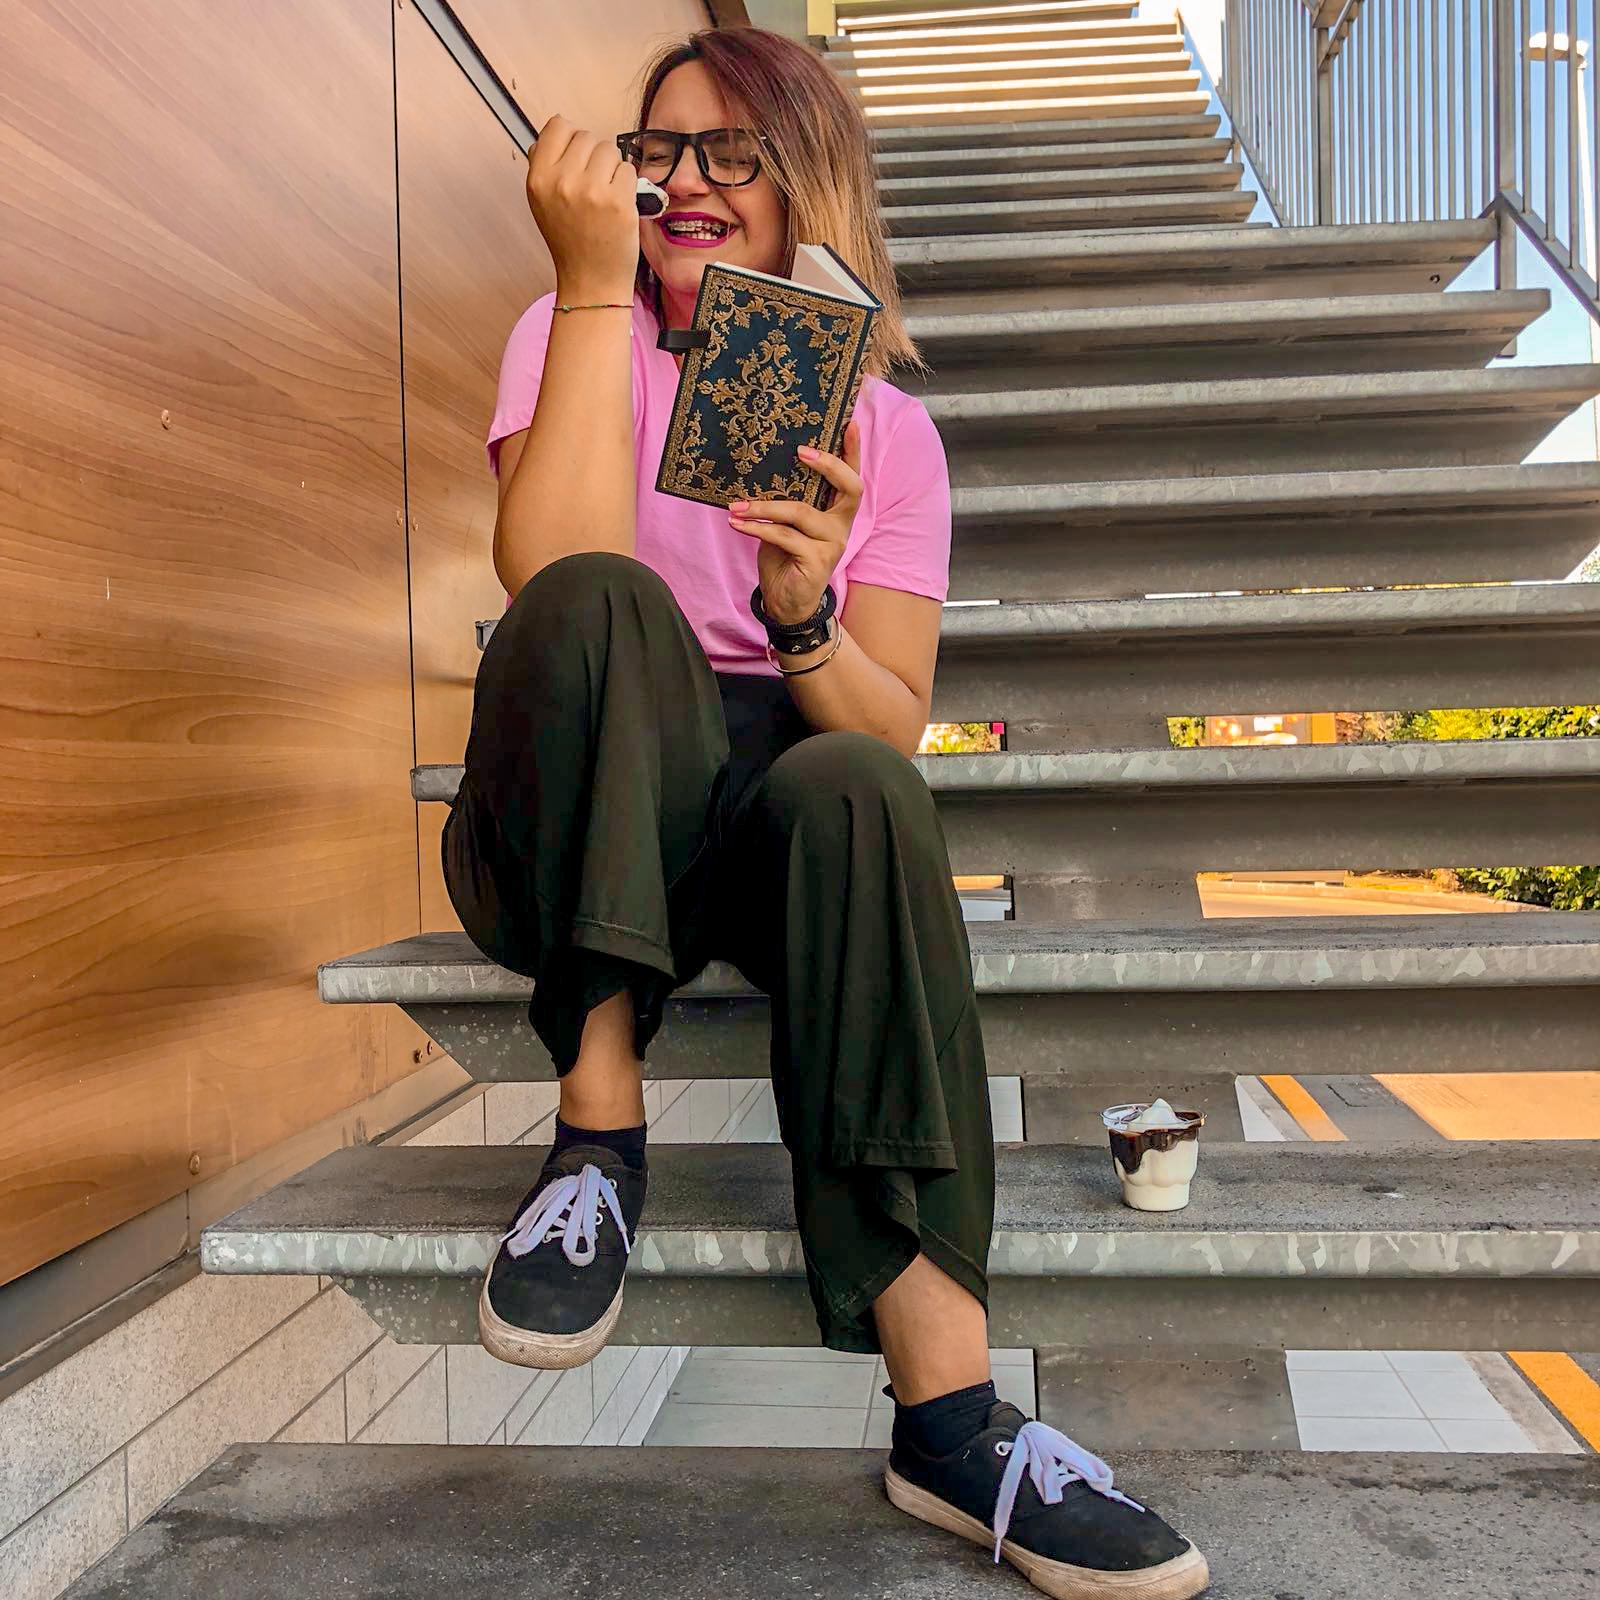 www.fashionsobsessions.it - zairadurso- influencer con l'apparecchio - @zairadurso - come vivere con l'apparecchio - come comportarsi con l'apparecchio ortodontico - #fashionsobsessions